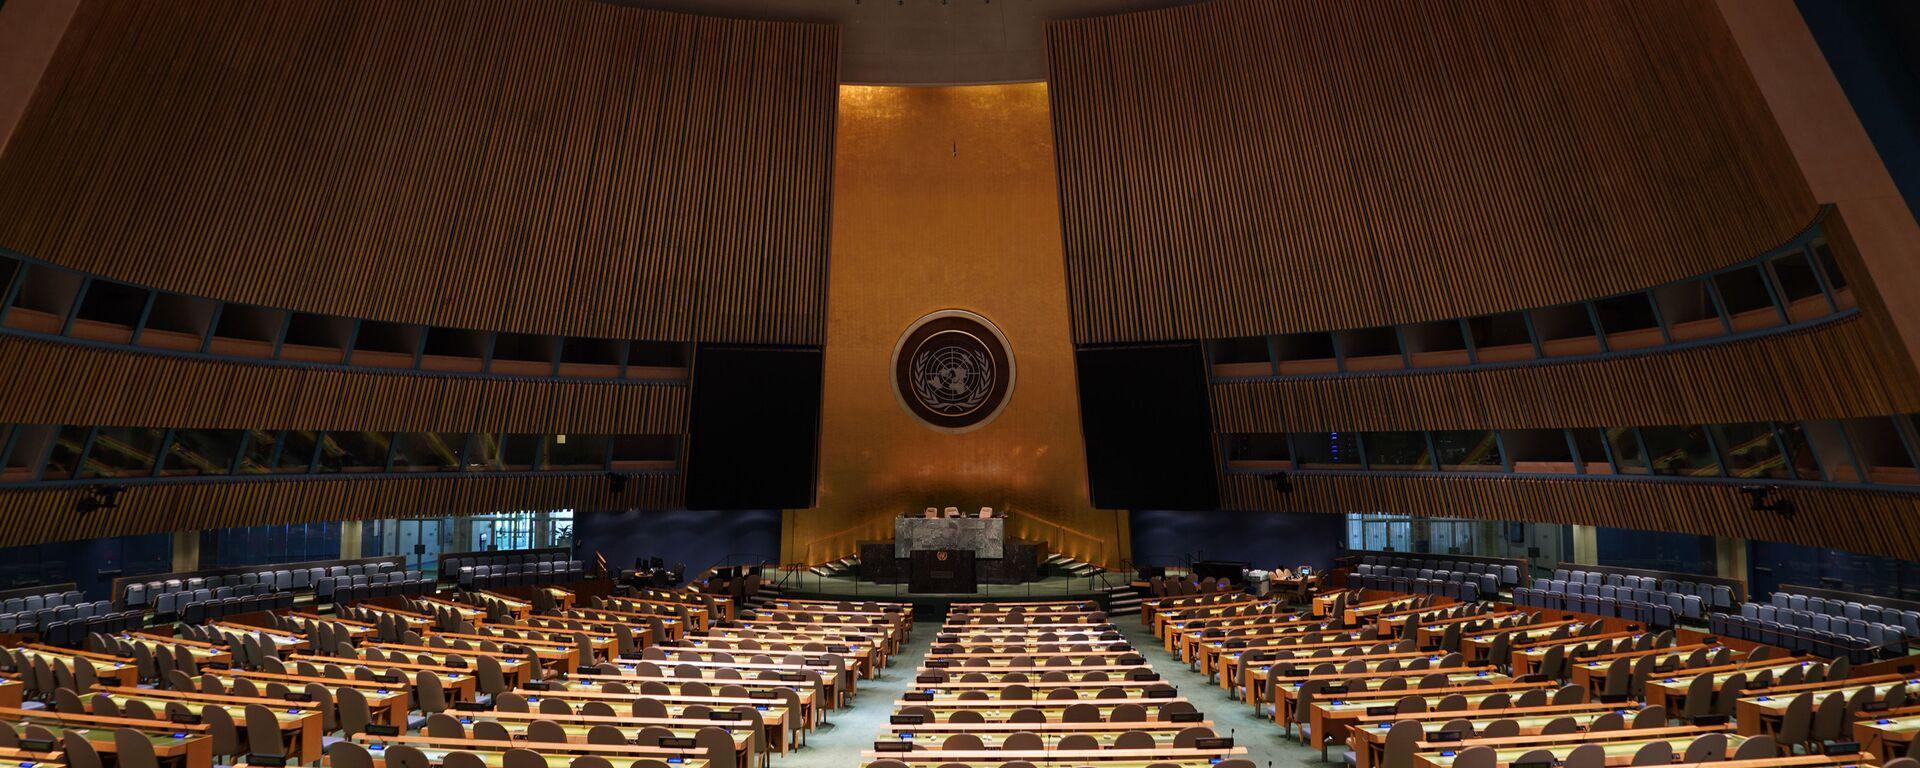 Prázdná místnost, v níž se koná zasedání Valného shromáždění OSN. - Sputnik Česká republika, 1920, 12.09.2020